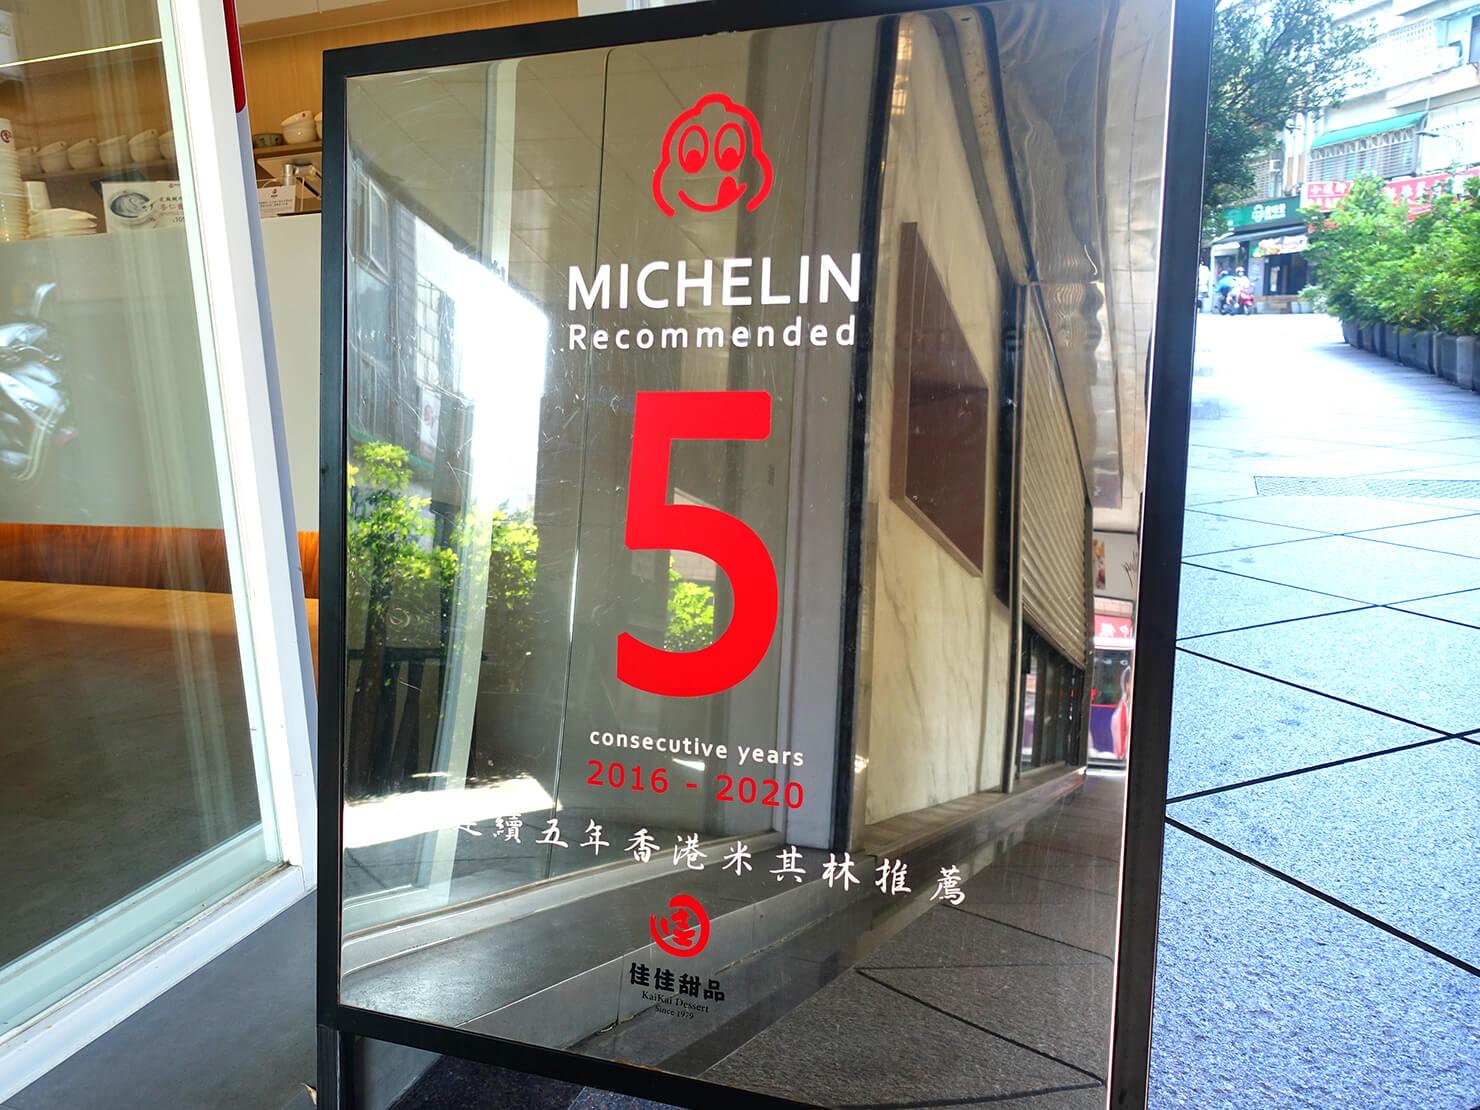 台北101エリア・MRT市政府駅周辺のおすすめグルメ店「佳佳甜品」の店頭に置かれたミシュランガイド認定マーク